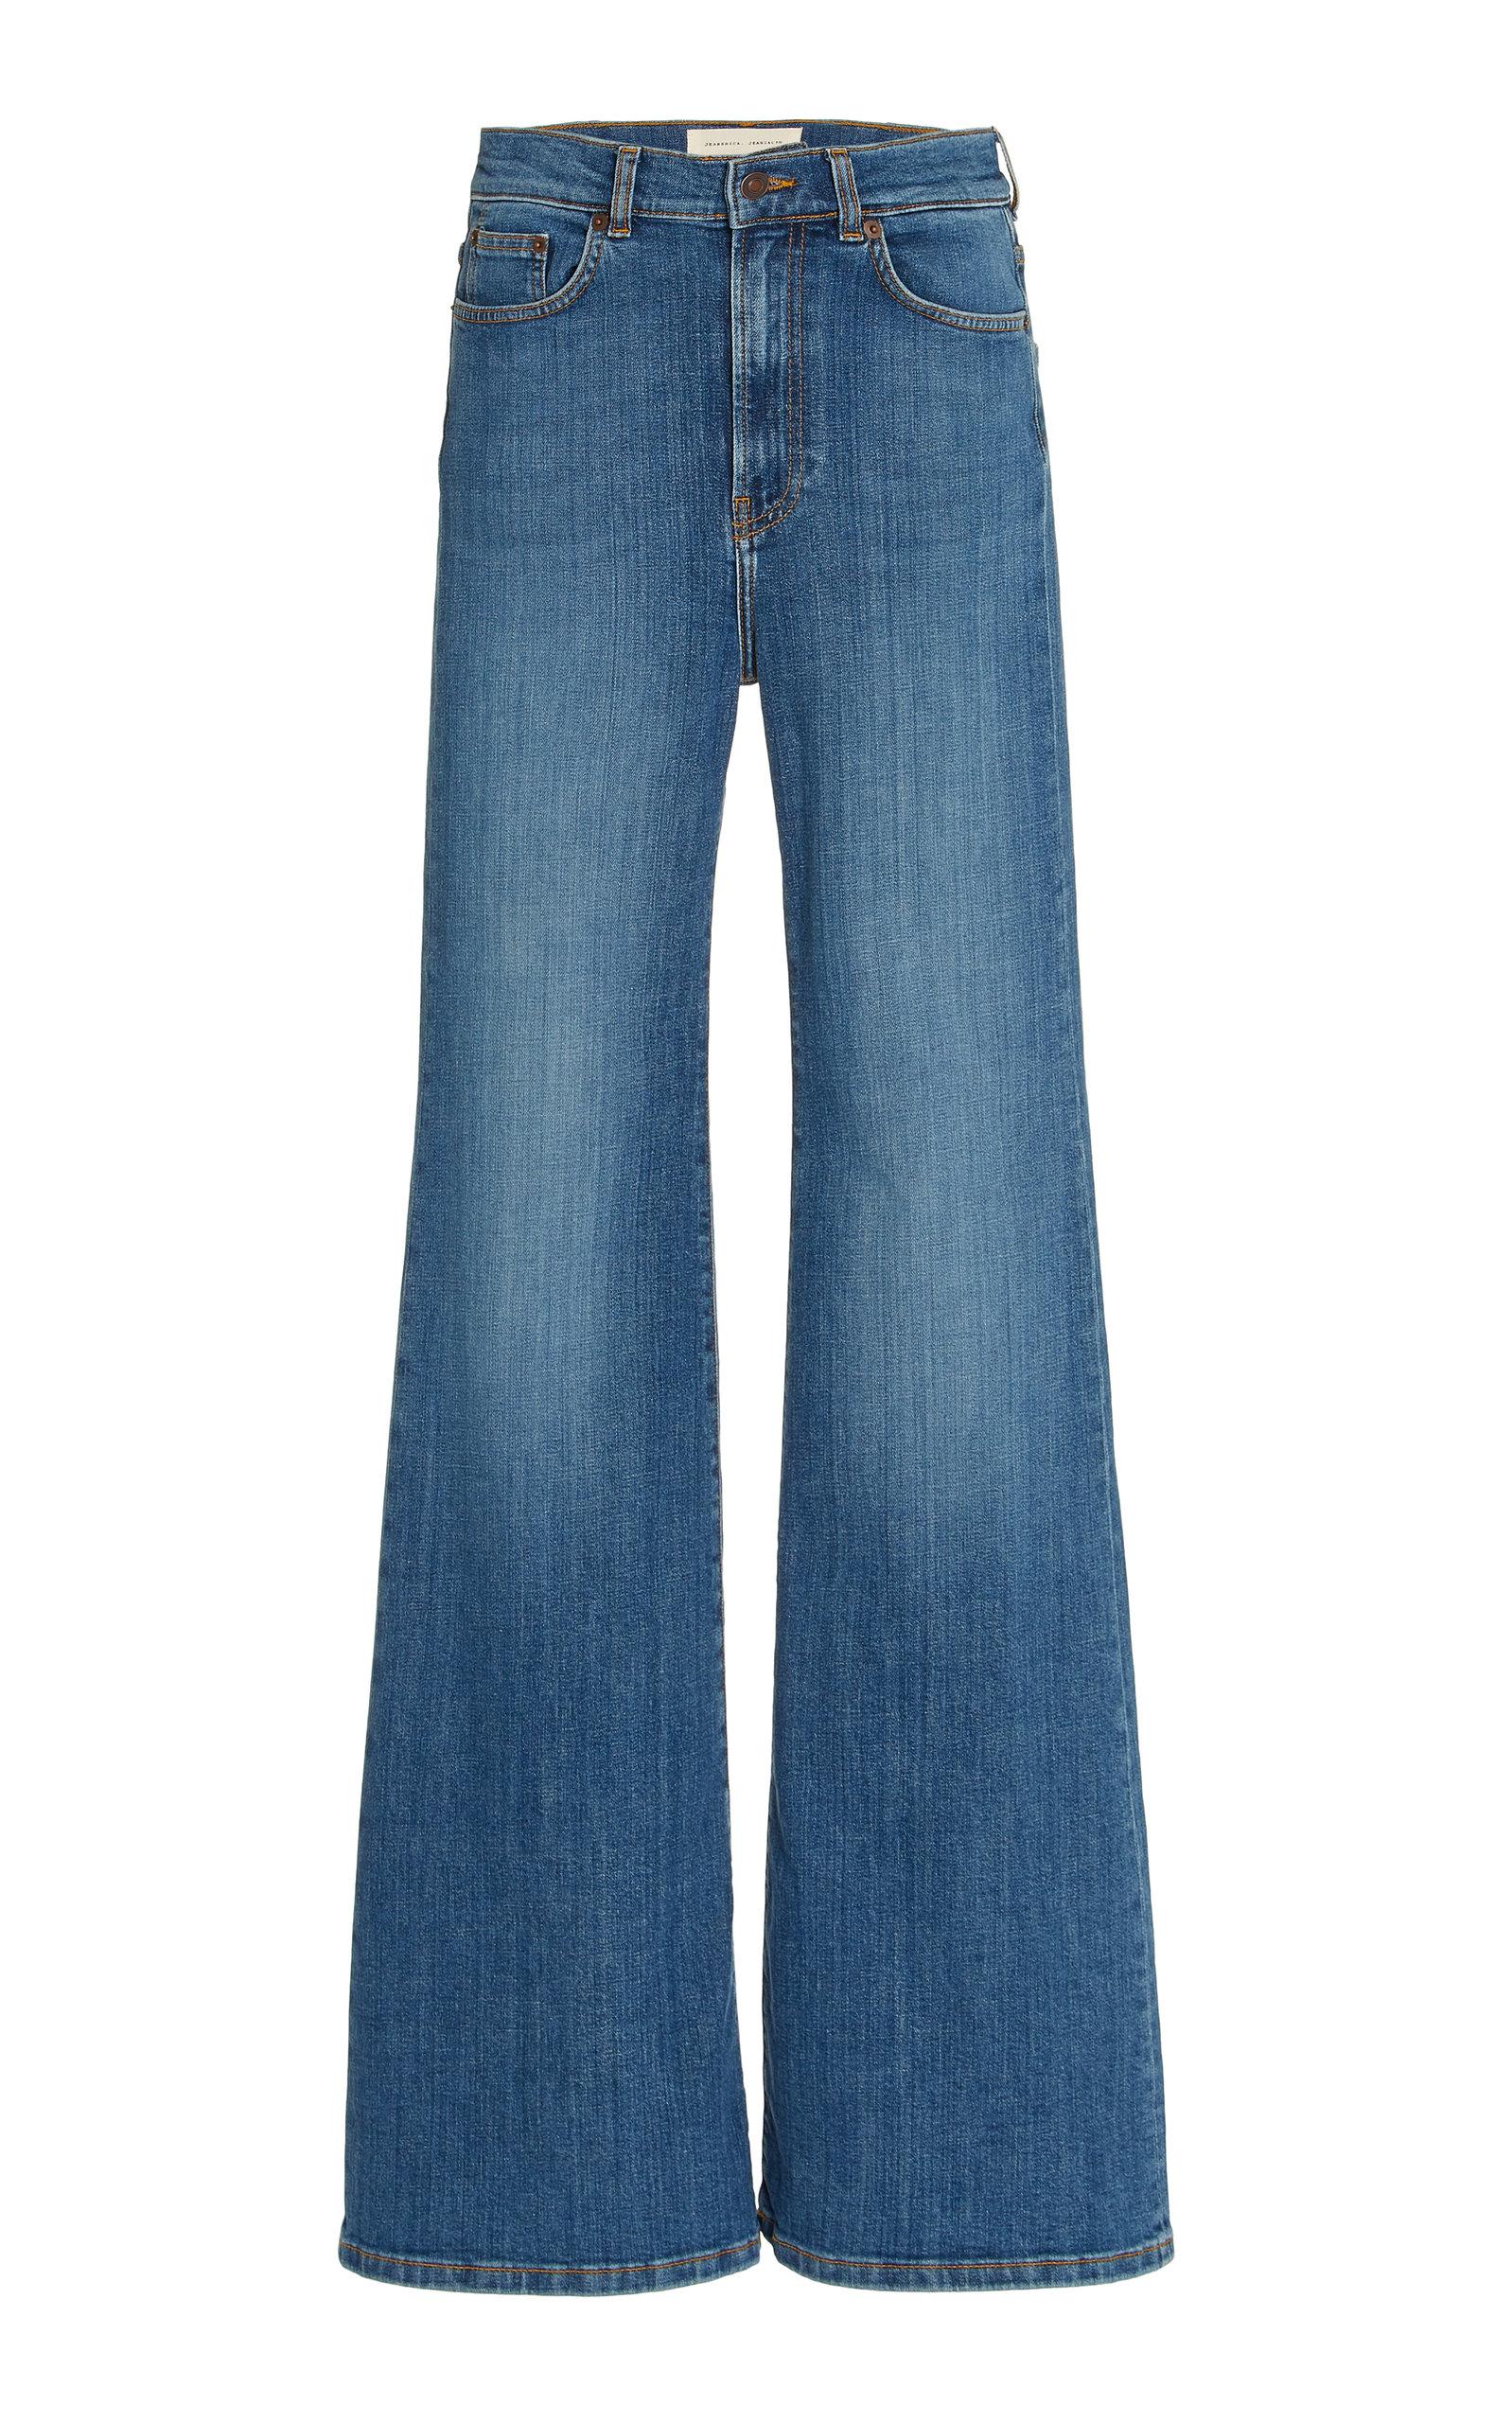 Women's Fuji Stretch High-Rise Organic Cotton Flared-Leg Jeans